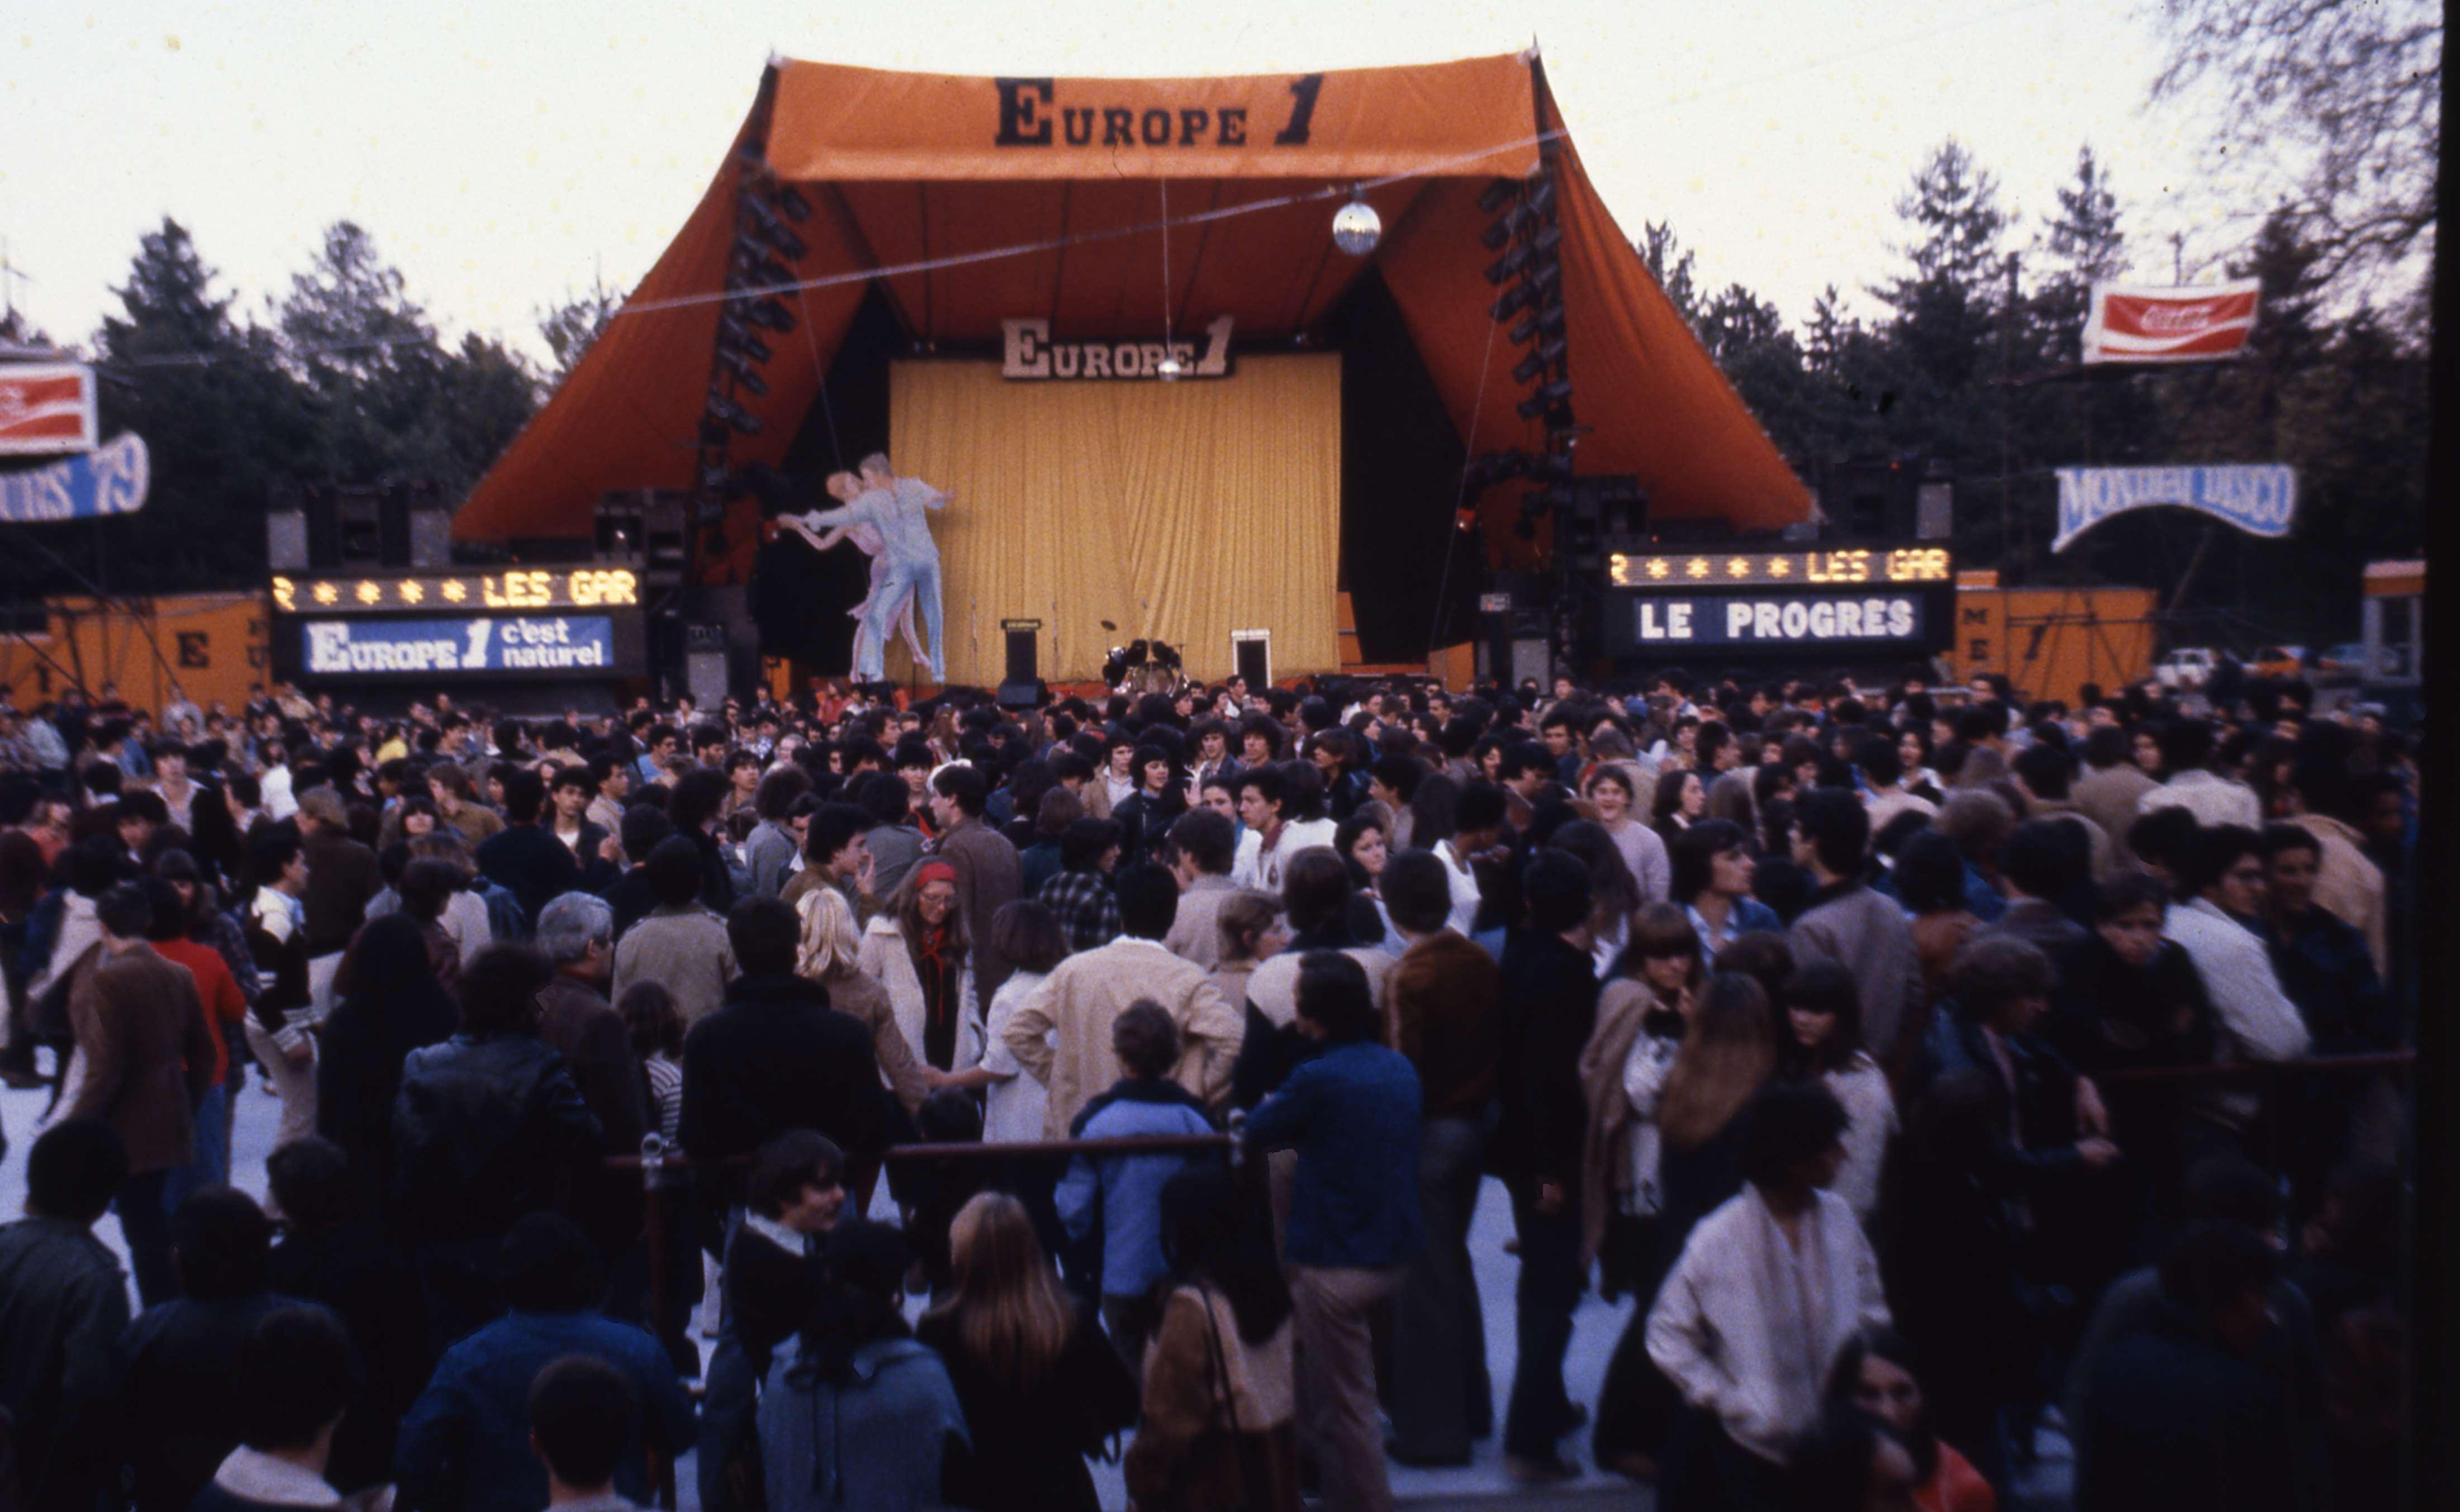 Jusque dans les années 80, les Podiums Europe 1 créaient véritablement l'événement dans les villes-étapes © DR